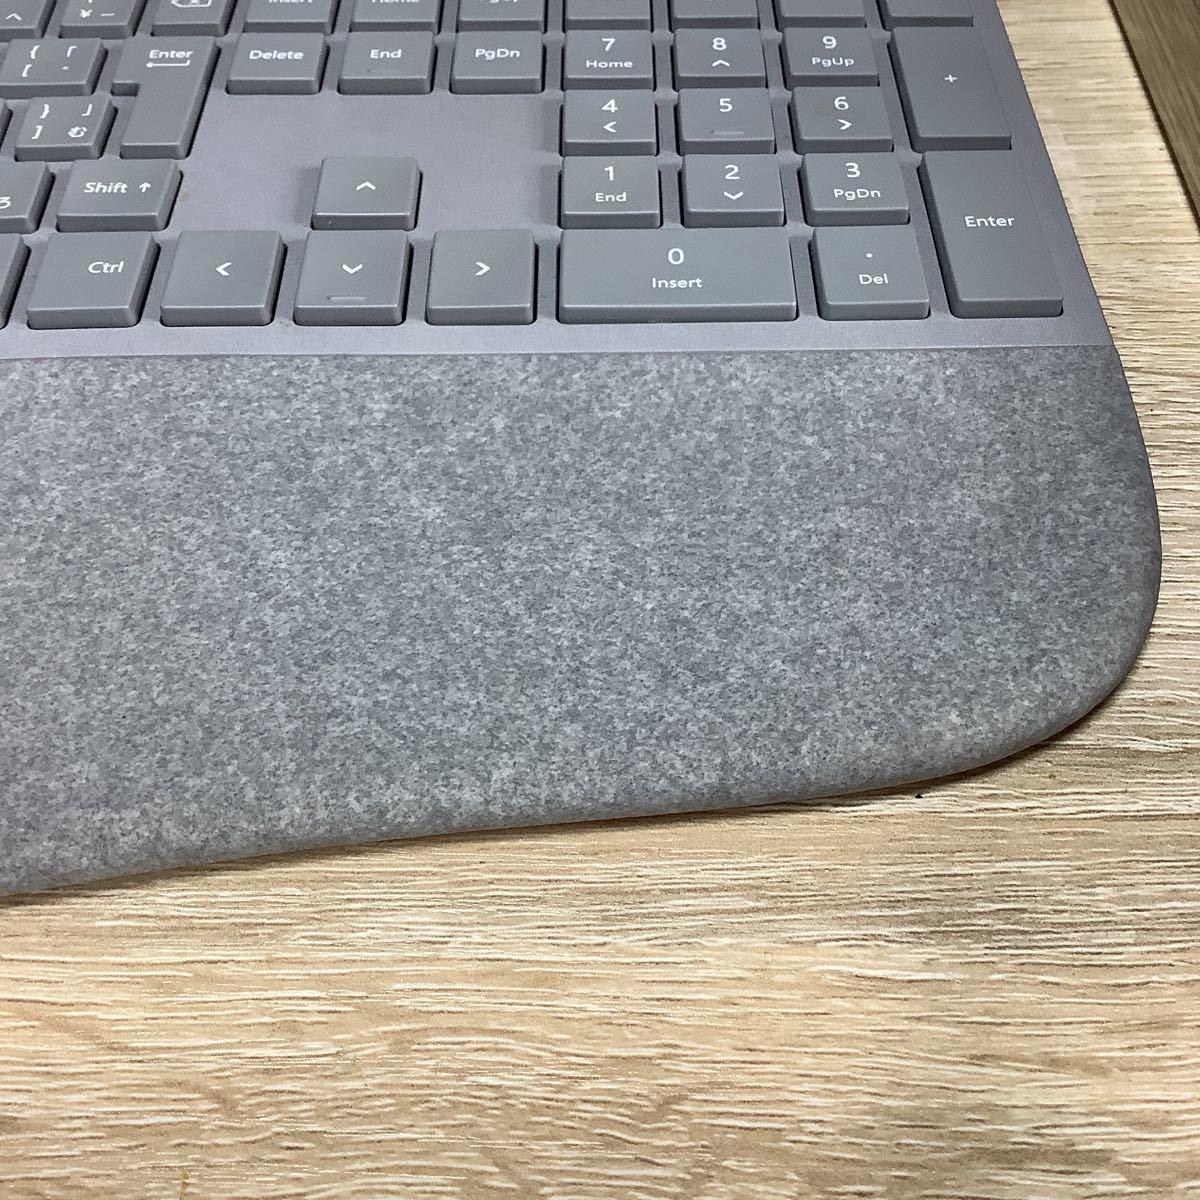 ワイヤレスキーボード 純正品 マイクロソフトSurface Ergomic無線キーボード(日本語キー配列)